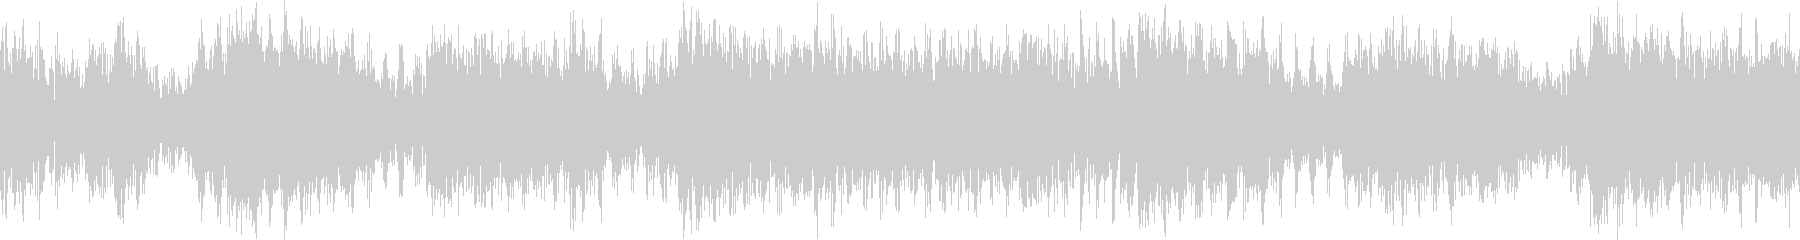 【ループD】ヘヴィーで攻撃的エレキギターの未再生の波形